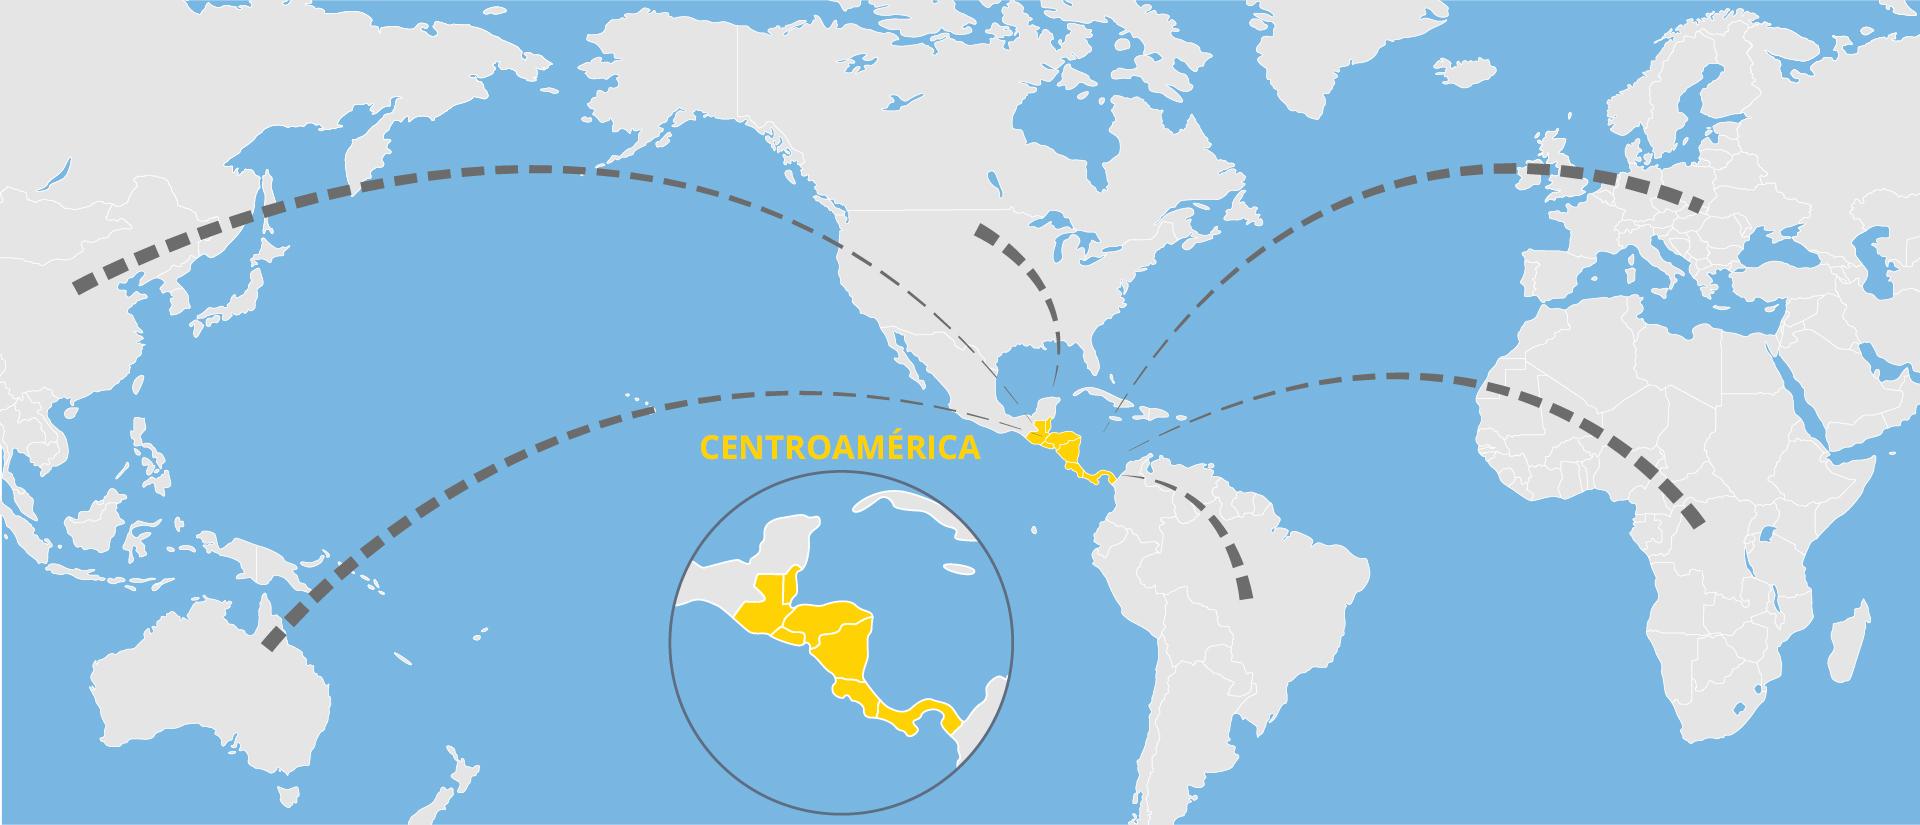 Centroamérica en el mundo